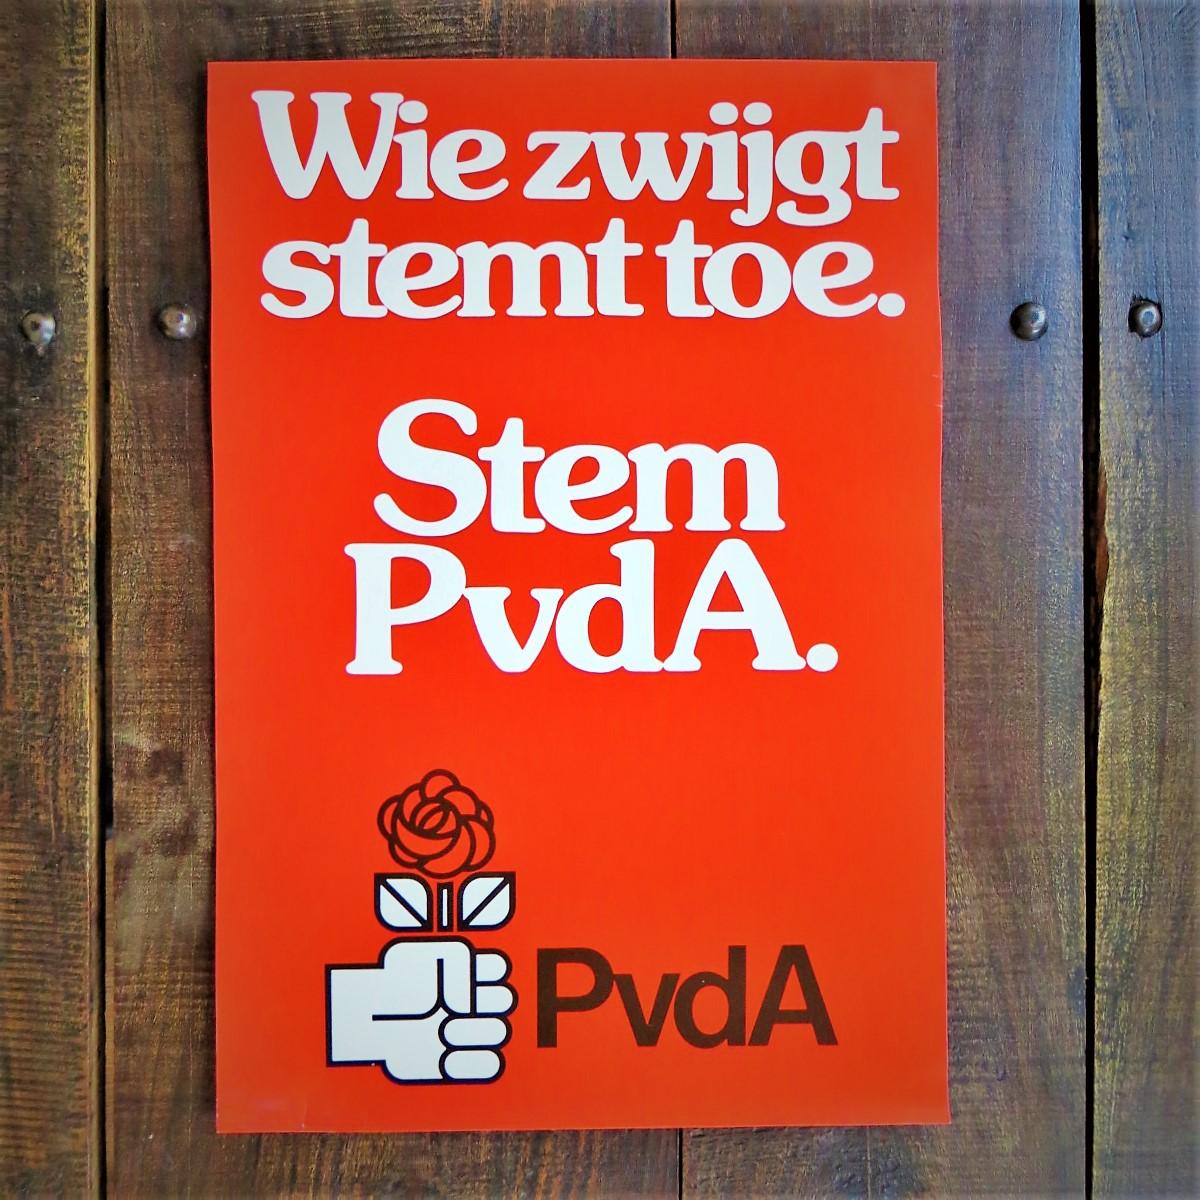 Poster PvdA Wie Zwijgt Stemt Toe